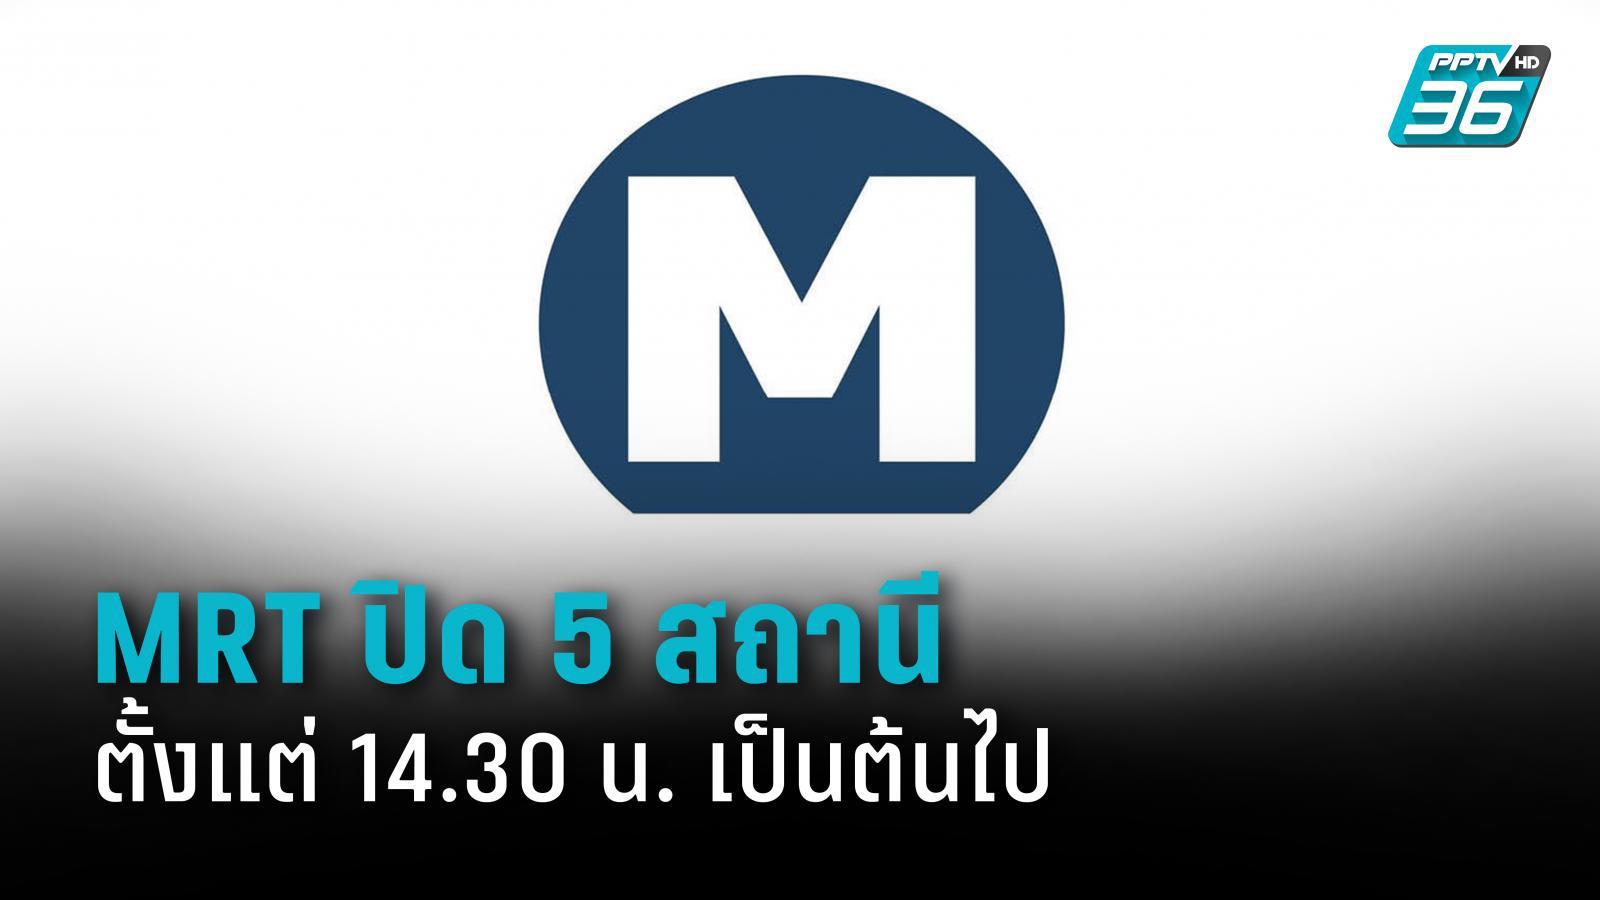 ด่วน!! รถไฟฟ้า MRT ปิดชั่วคราว 5 สถานี 18 ต.ค. 63 เวลา 14.30 น. เป็นต้นไป